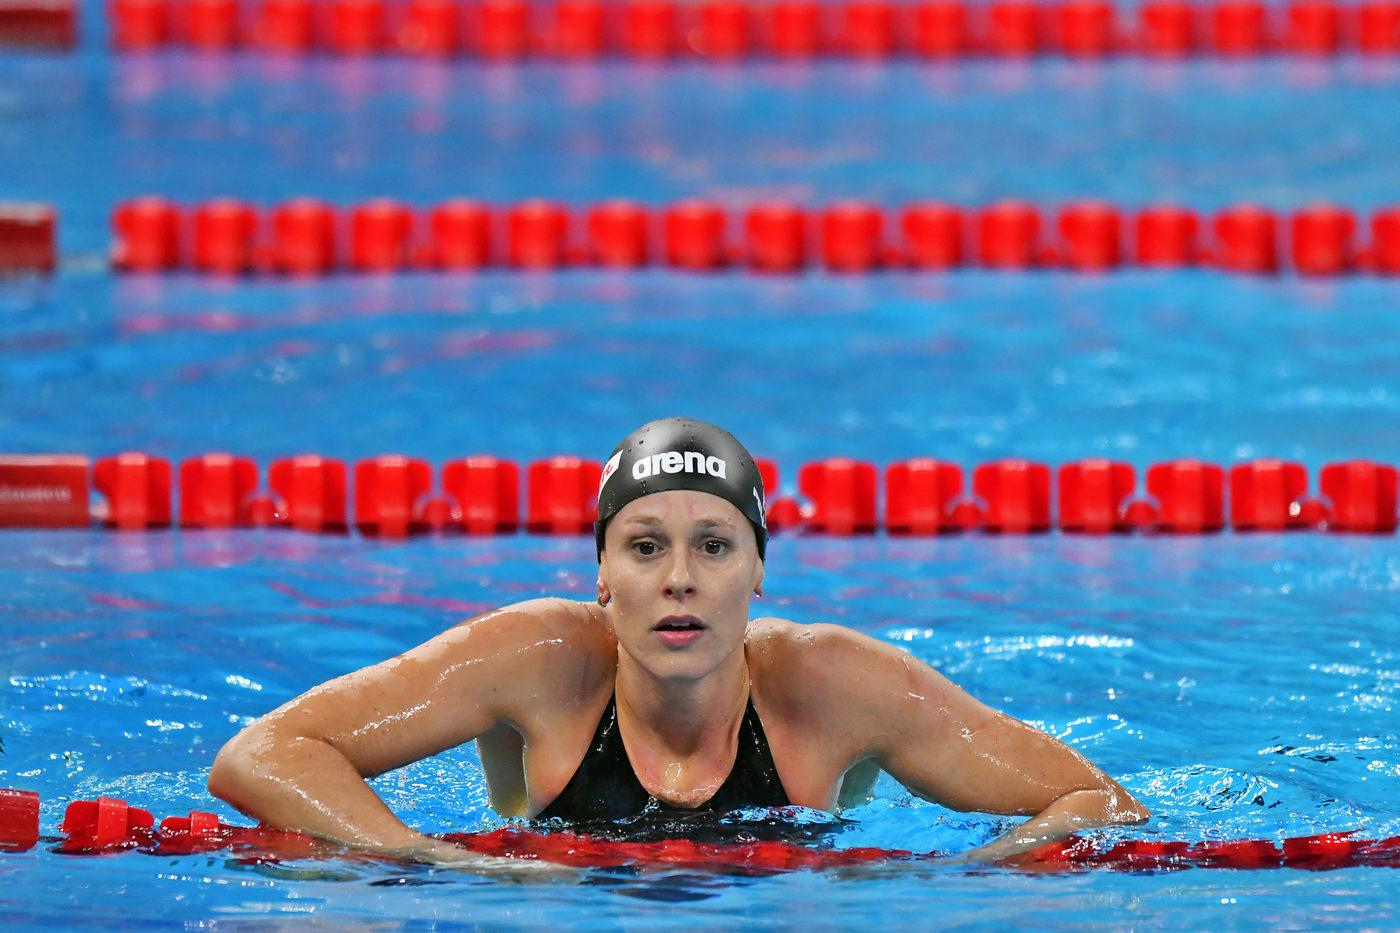 """Nuoto, Federica Pellegrini: """"Con un altro lockdown io smetterò di nuotare"""""""